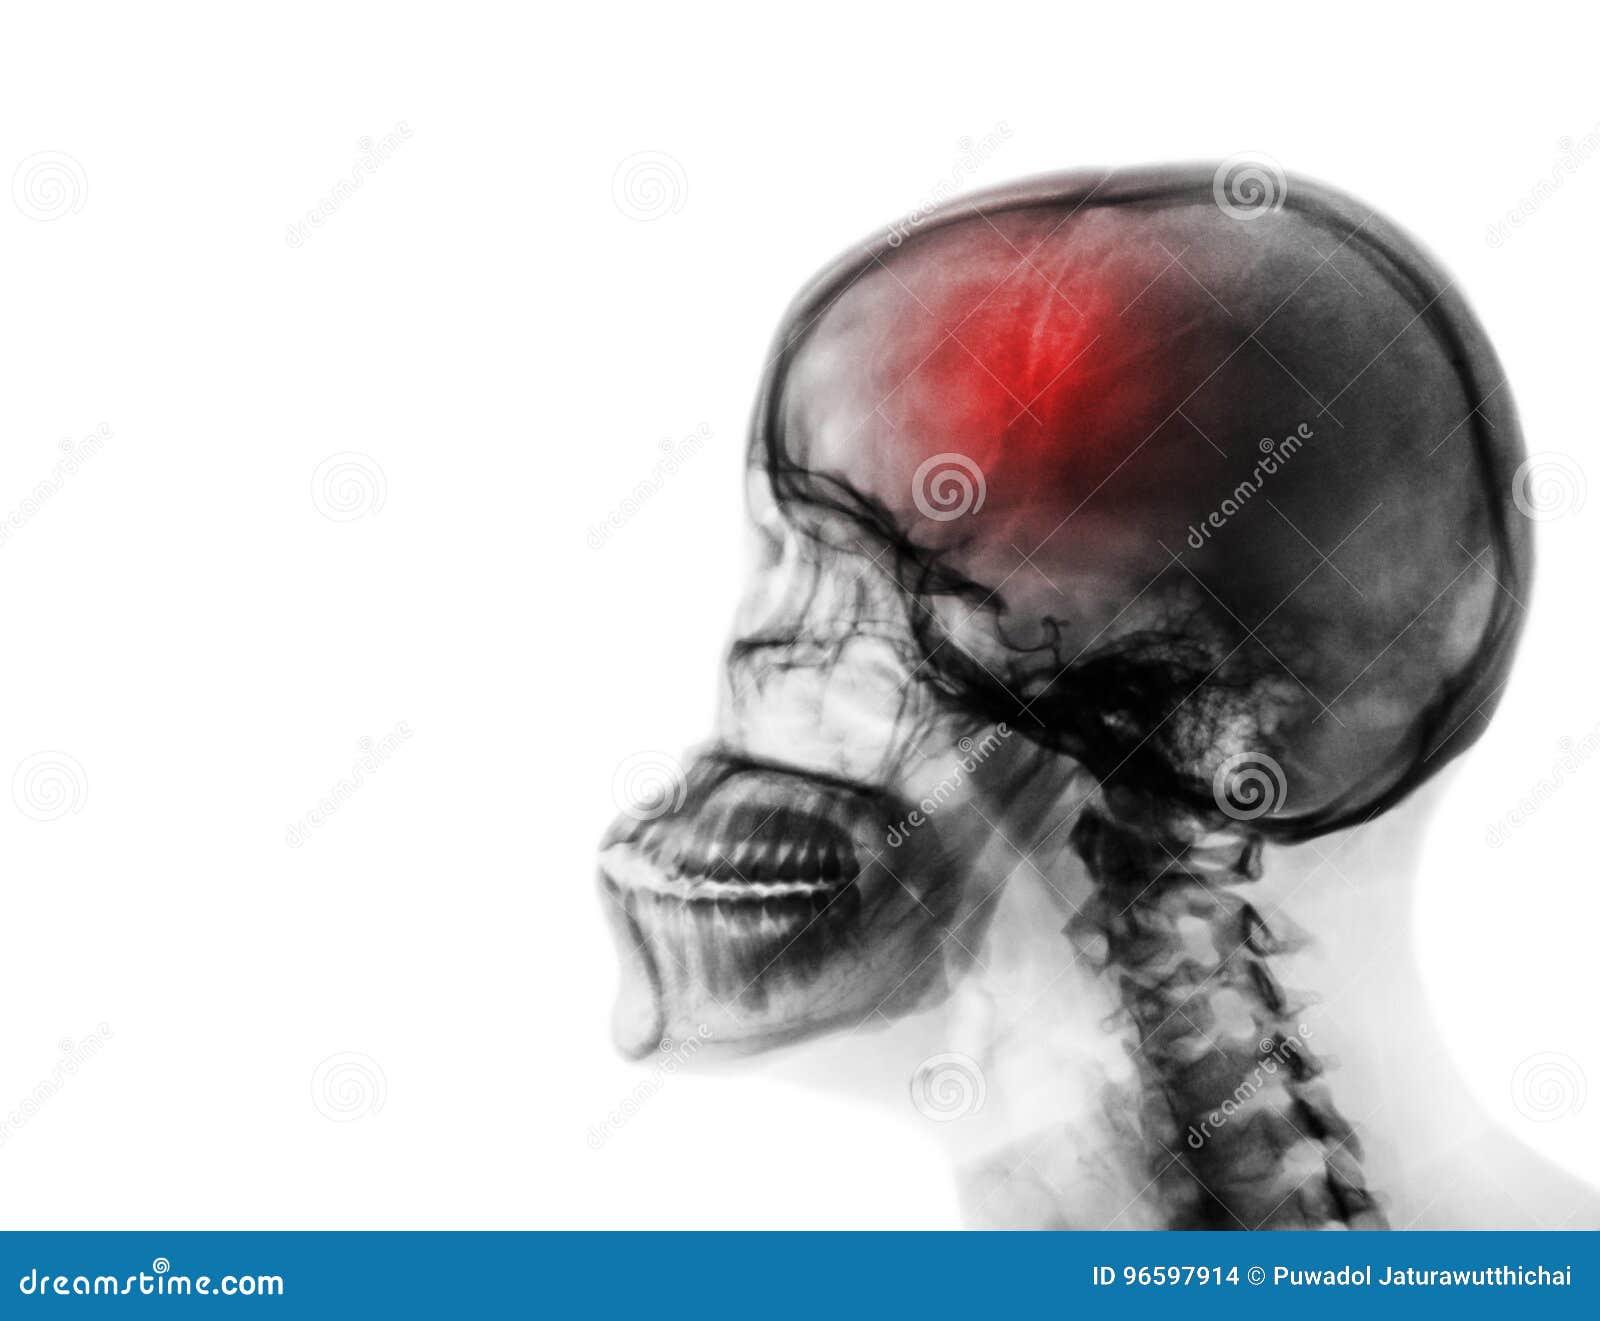 Uderzenie cerebrovascular wypadek Ekranowy promieniowanie rentgenowskie ludzka czaszka i karkowy kręgosłup